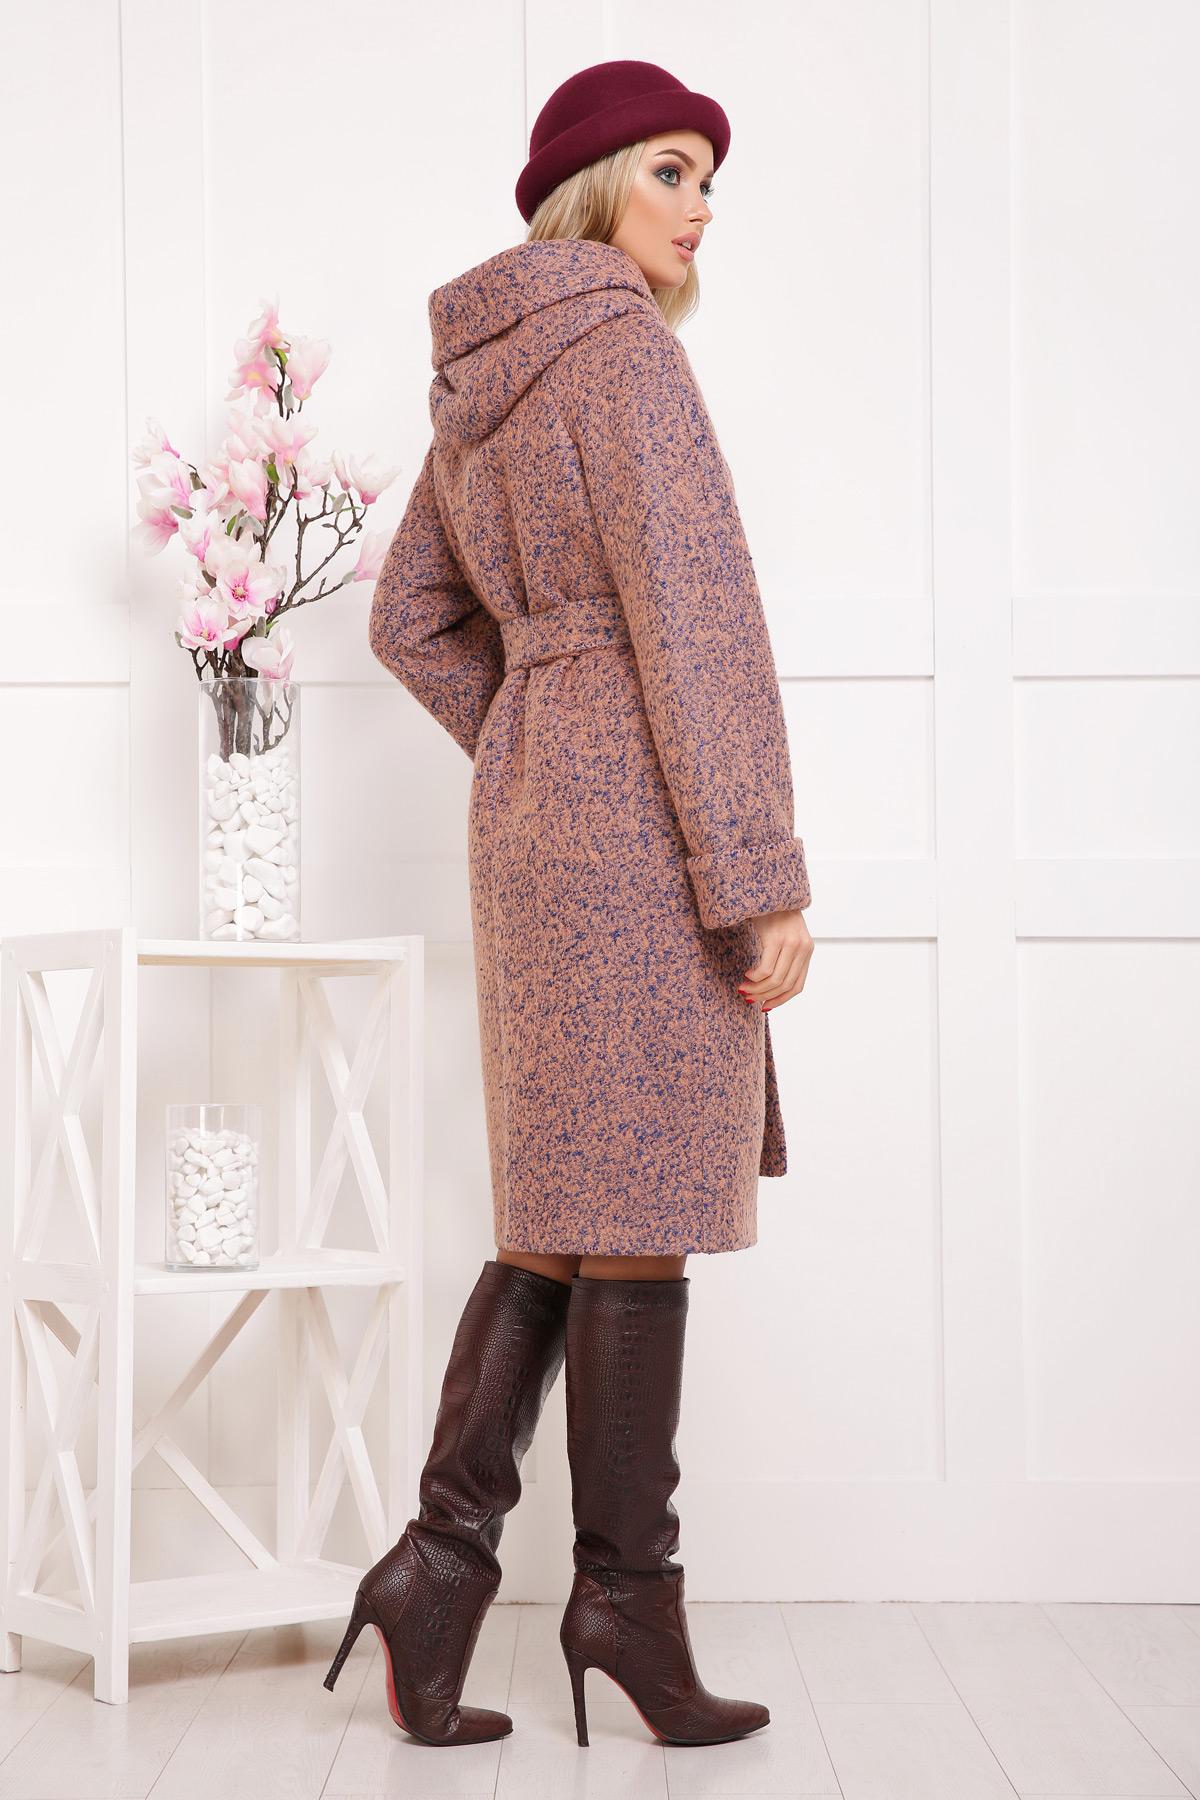 Цвет  1208 купить · женское пальто с капюшоном. пальто П-304-100б. Цвет   1208 цена 3dfc79eb8977c